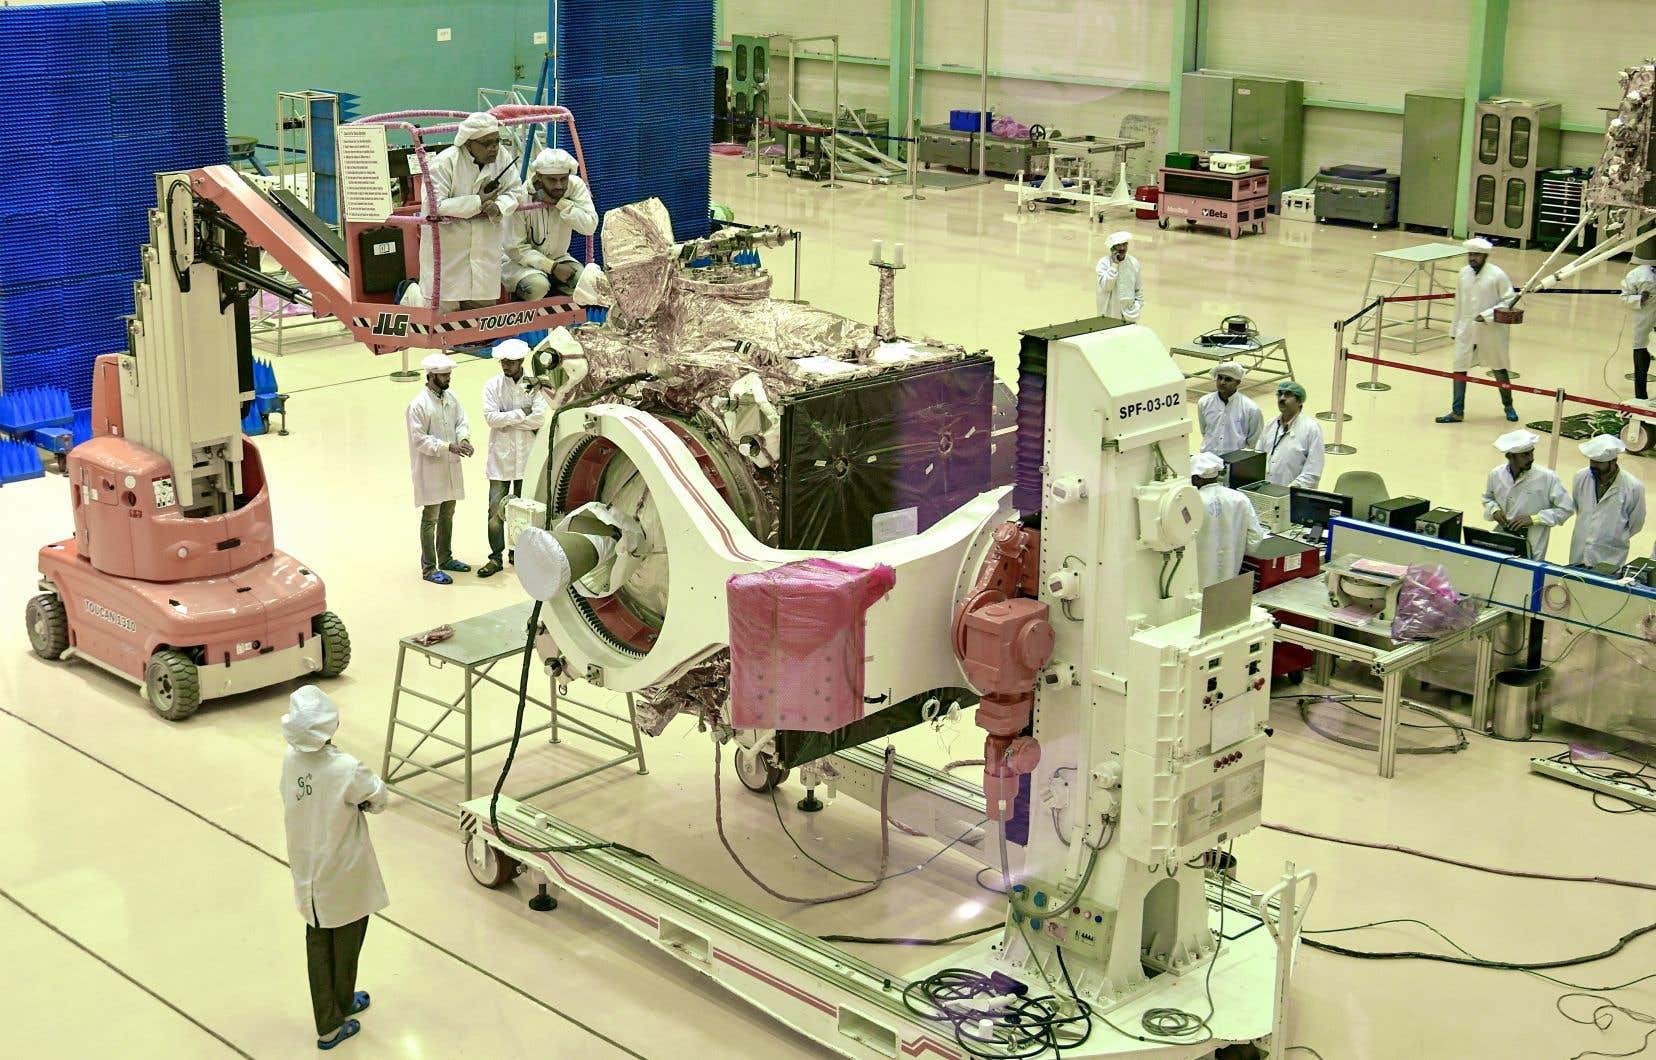 <p>Des scientifiques de l'ISRO travaillent sur le véhicule orbiteur de Chandrayaan-2.</p>